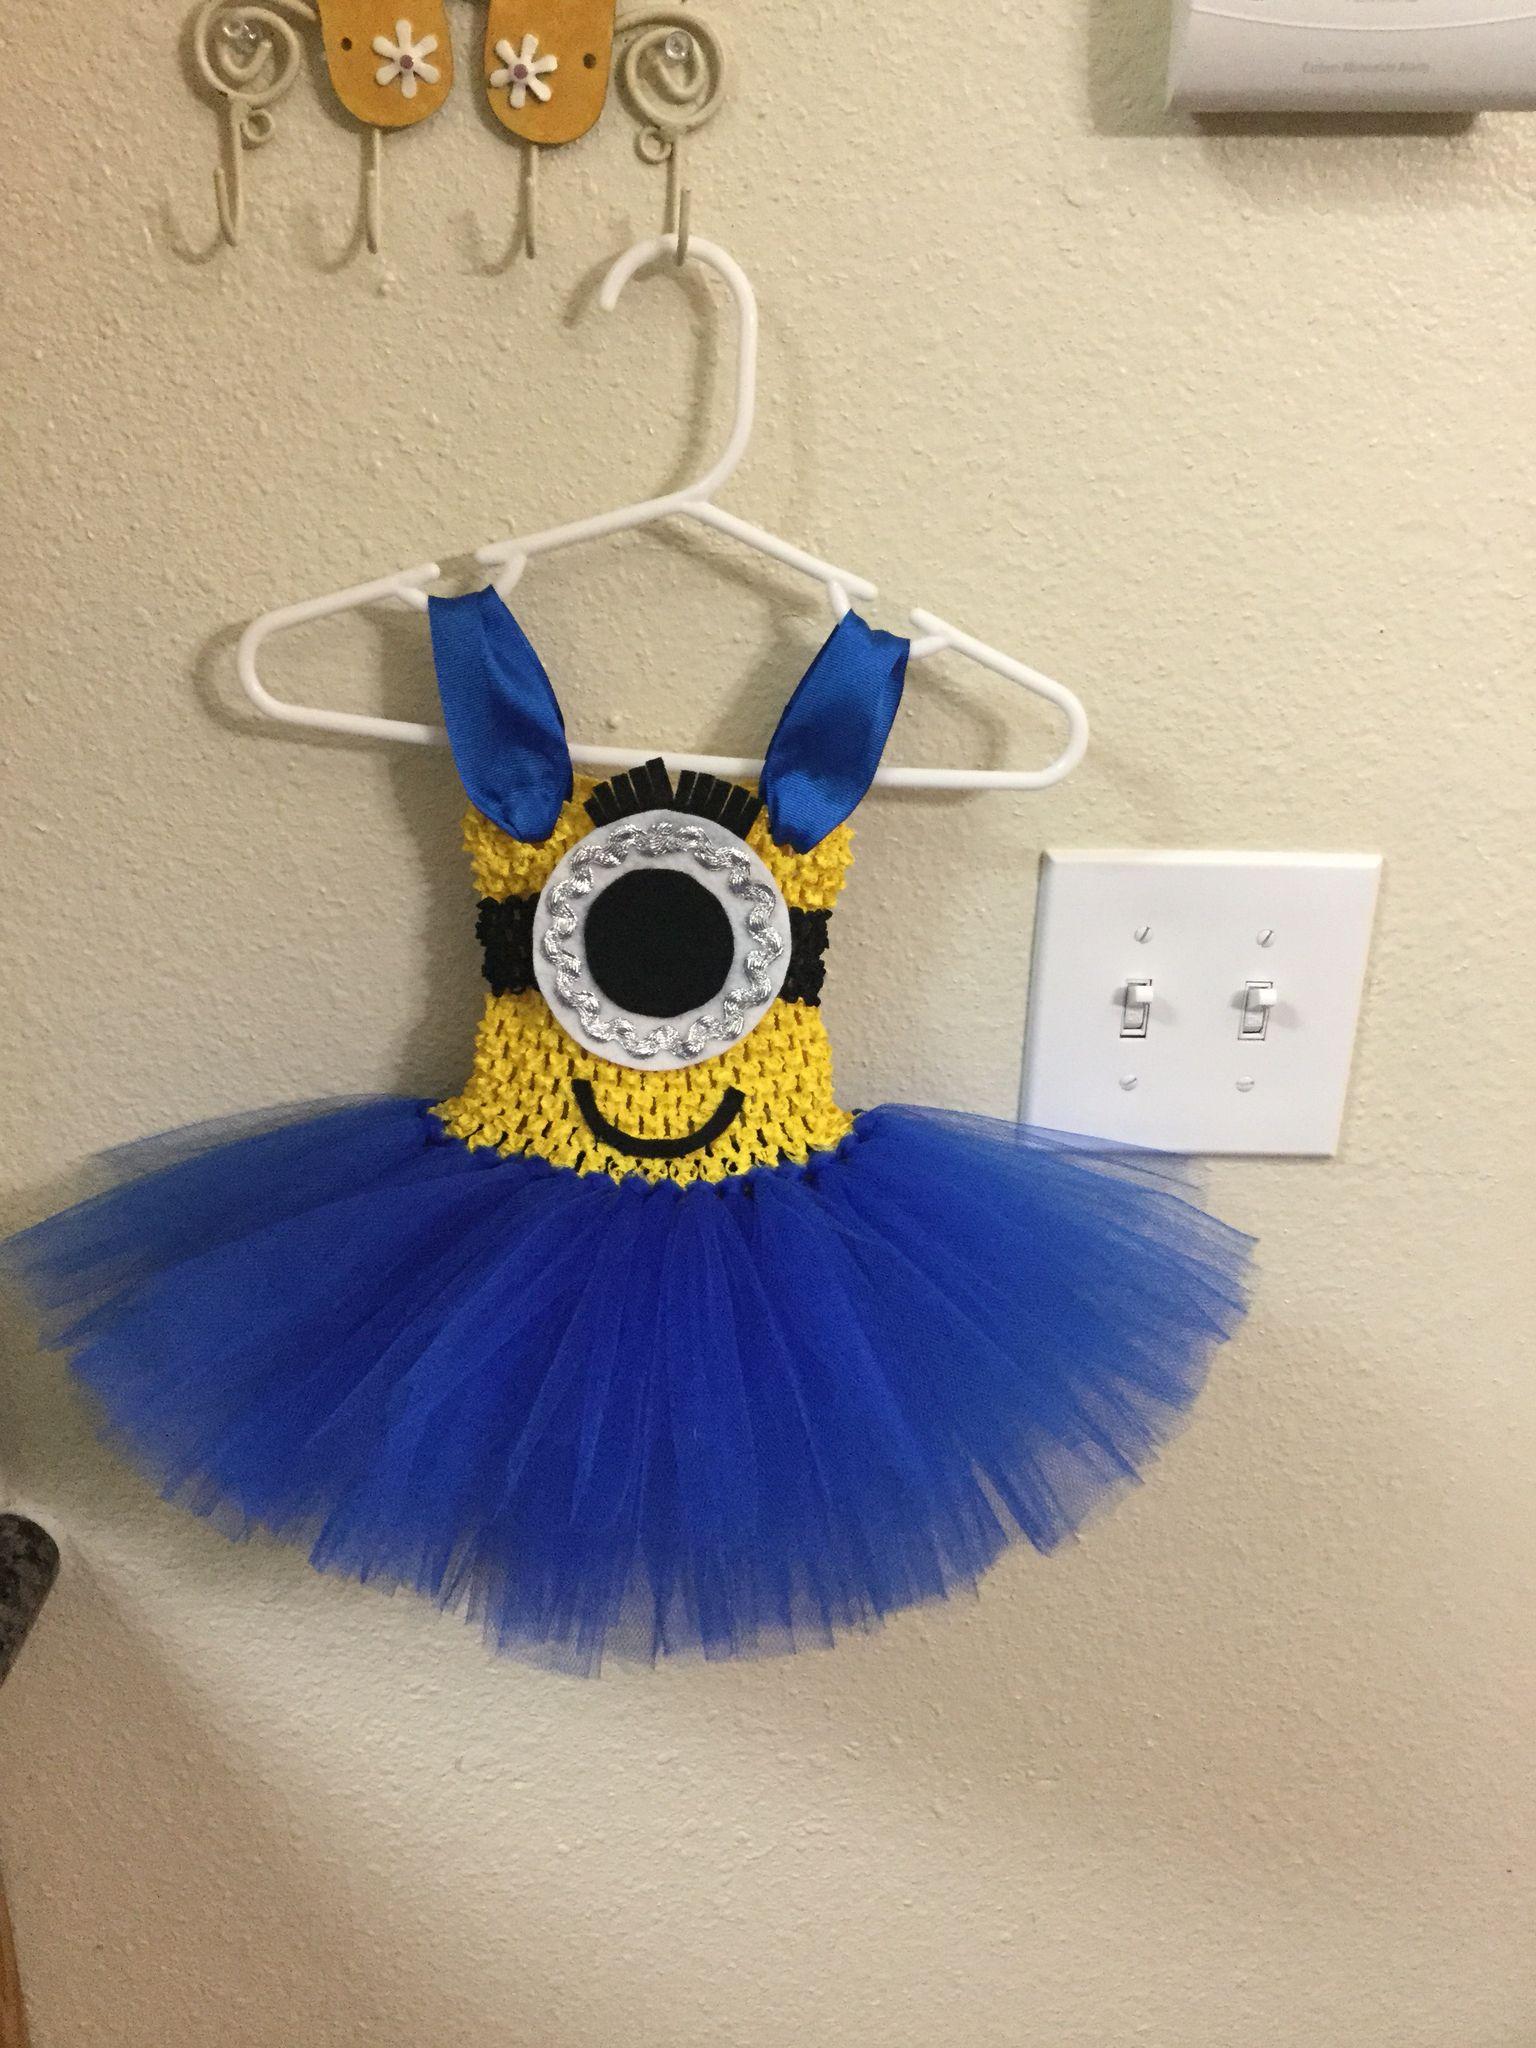 352229969 Custom Minion tutu dress by Crafting Princesses. DIY minion tutu dress,  youtube tutorial. Minion costume